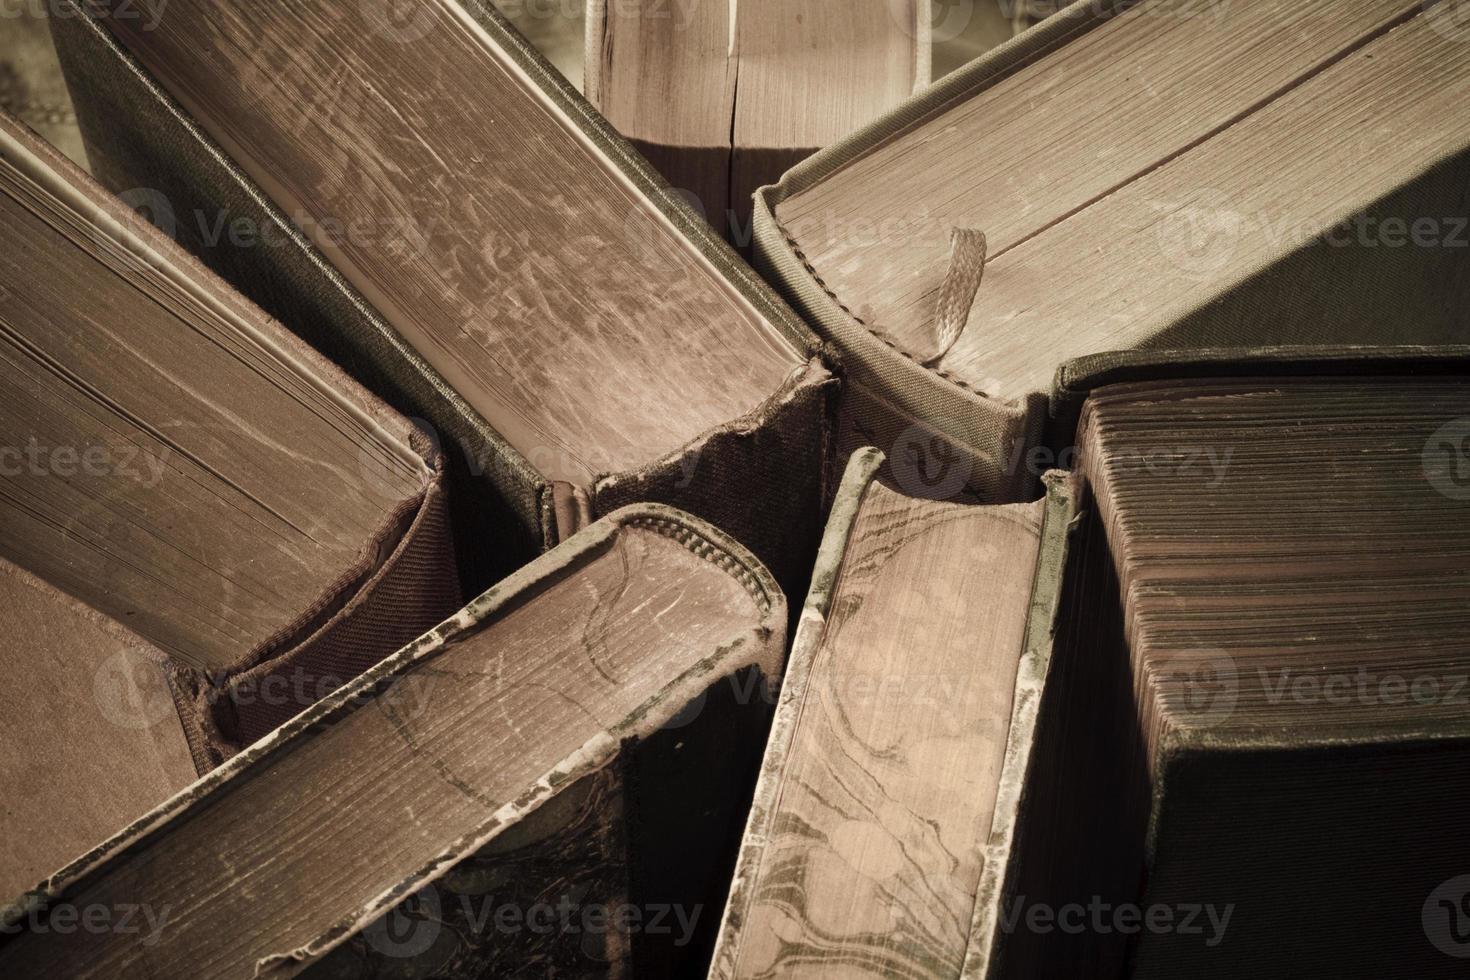 livros antigos close-up foto